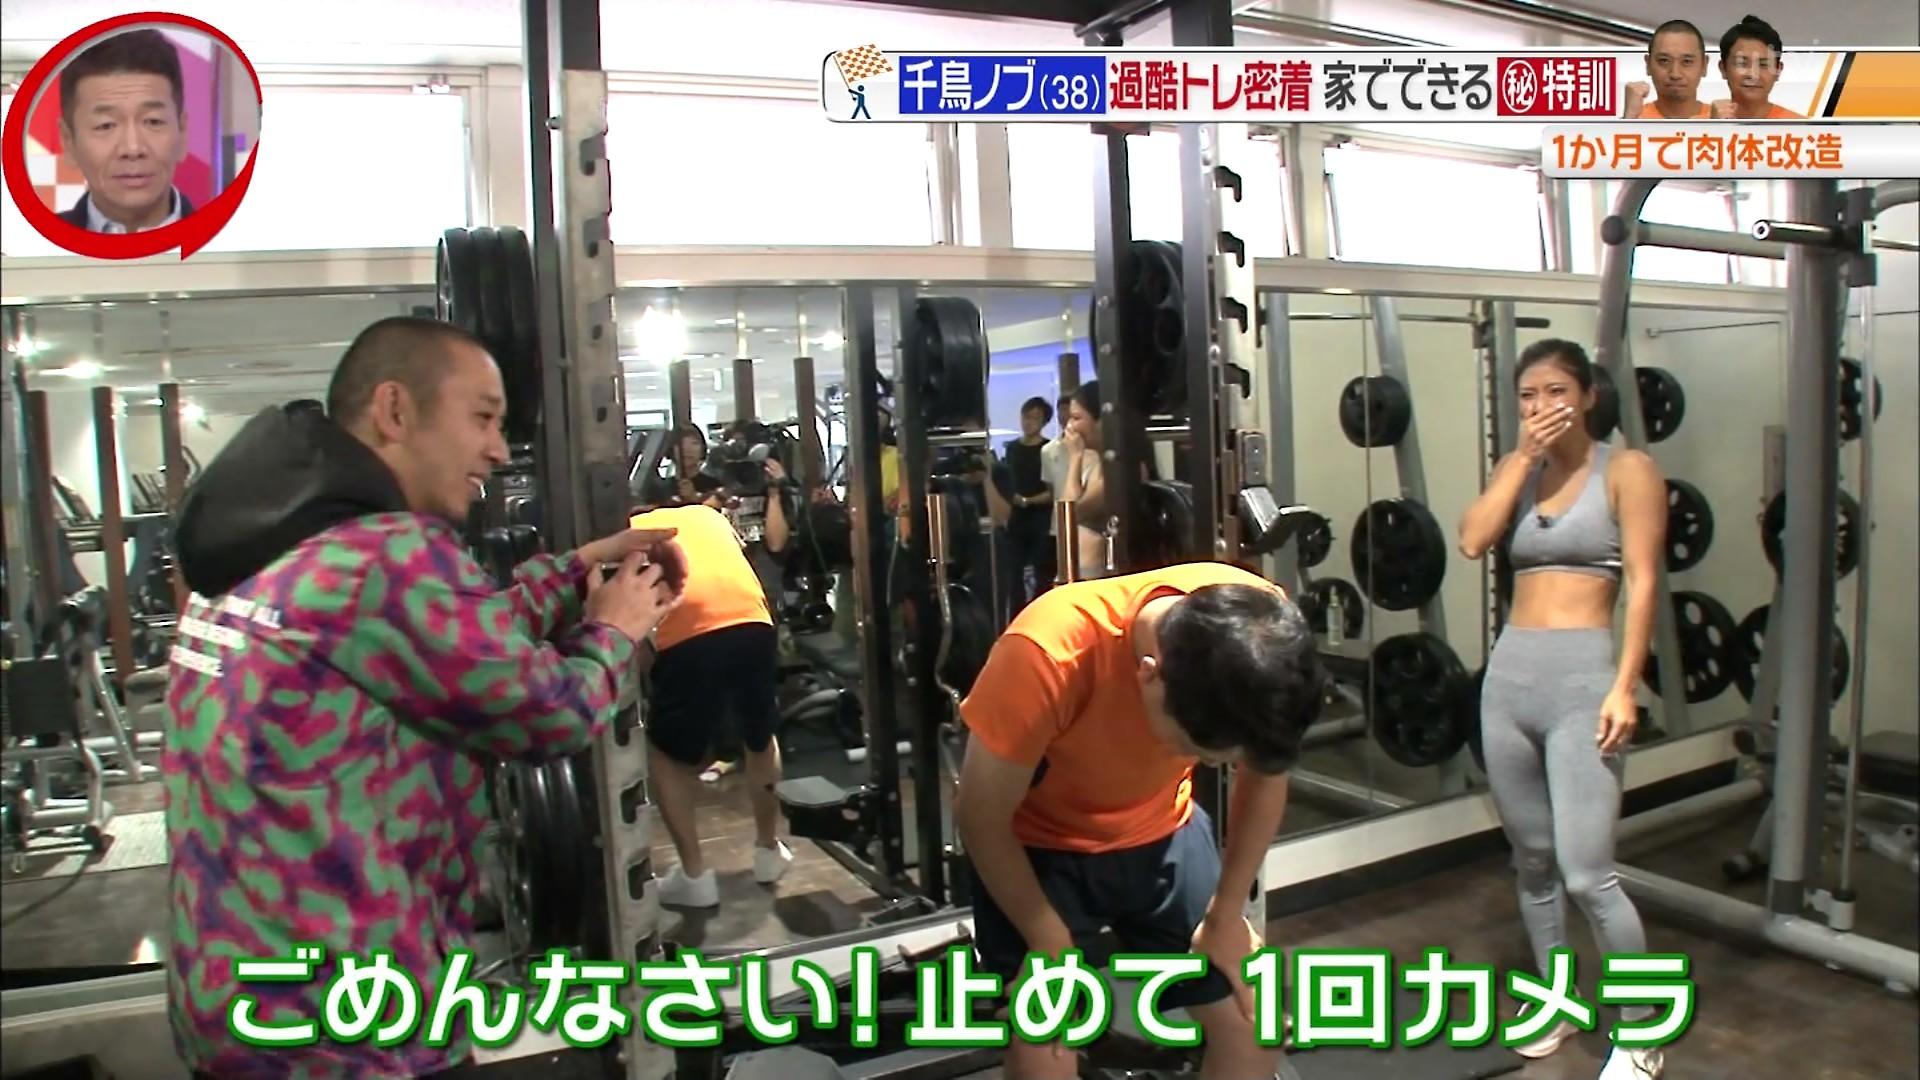 田上舞子_筋肉女子_美人トレーナ_テレビキャプ画像_08